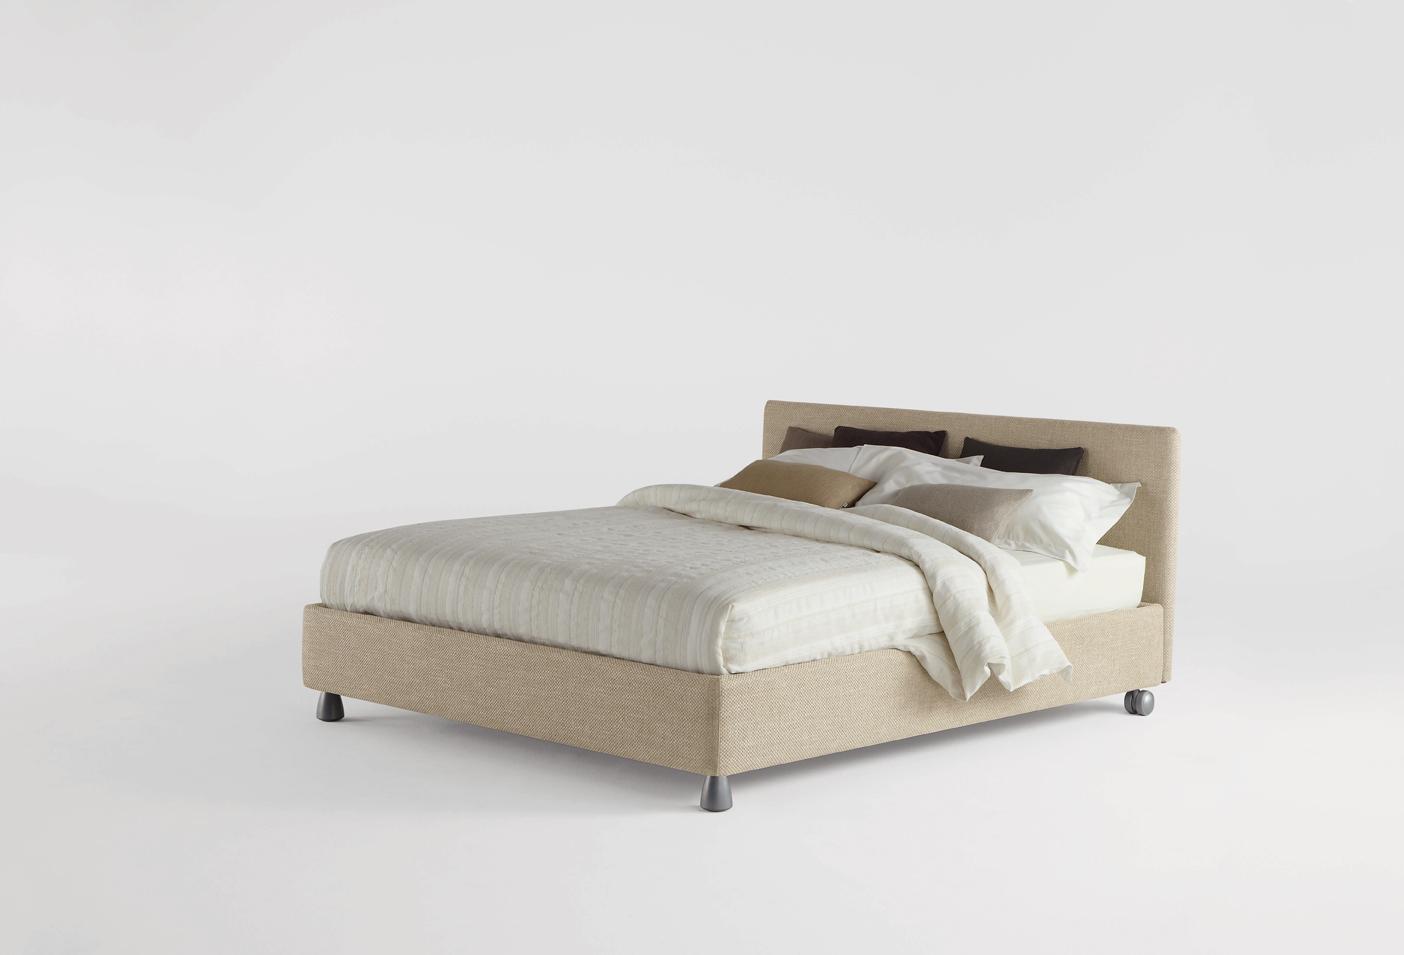 Notturno di flou letti co arredamento mollura home design - Letto contenitore flou prezzi ...